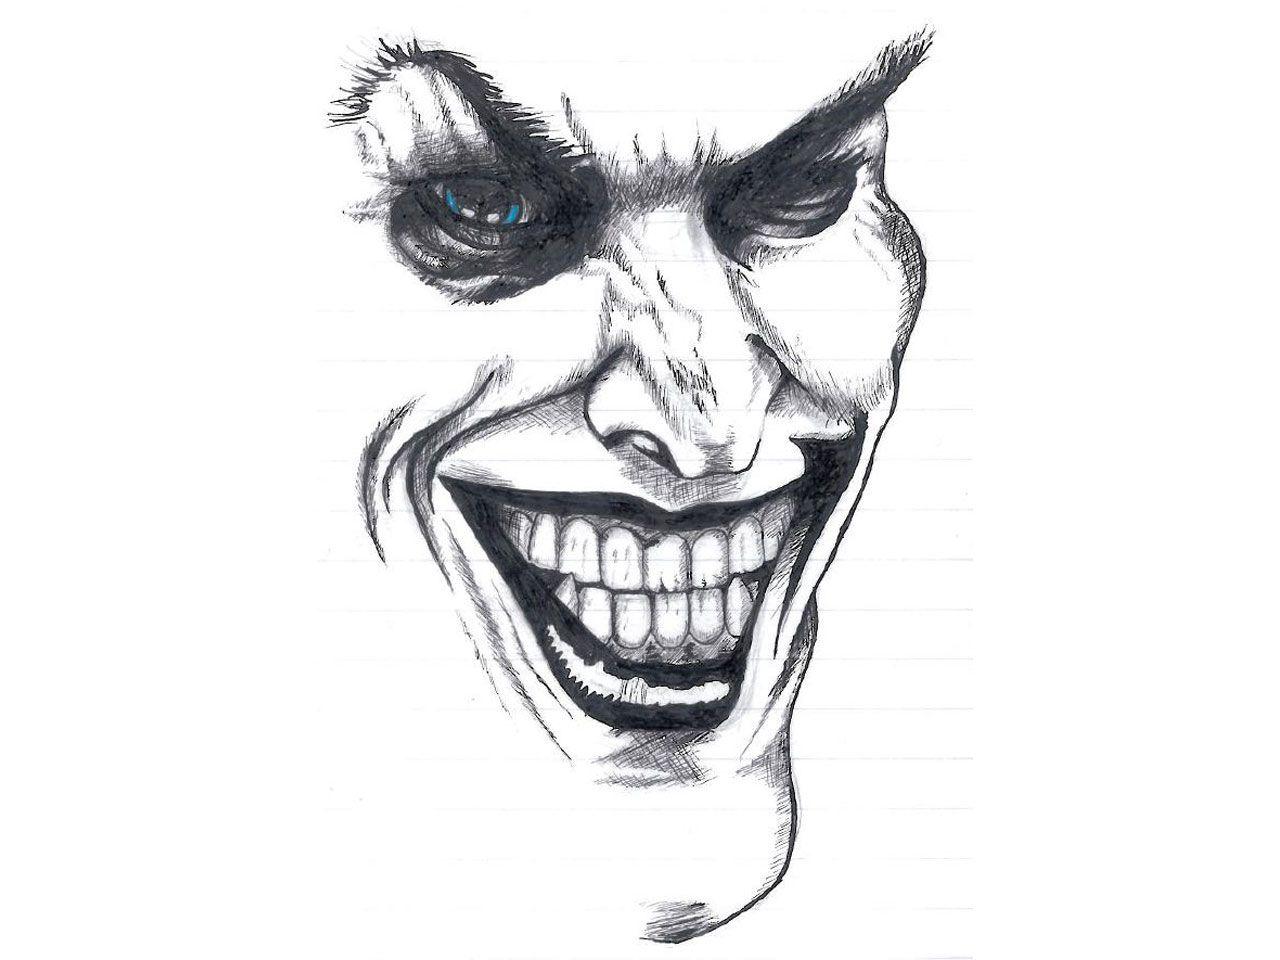 tattoo sketches batman joker tattoo sketches evil joker tattoo